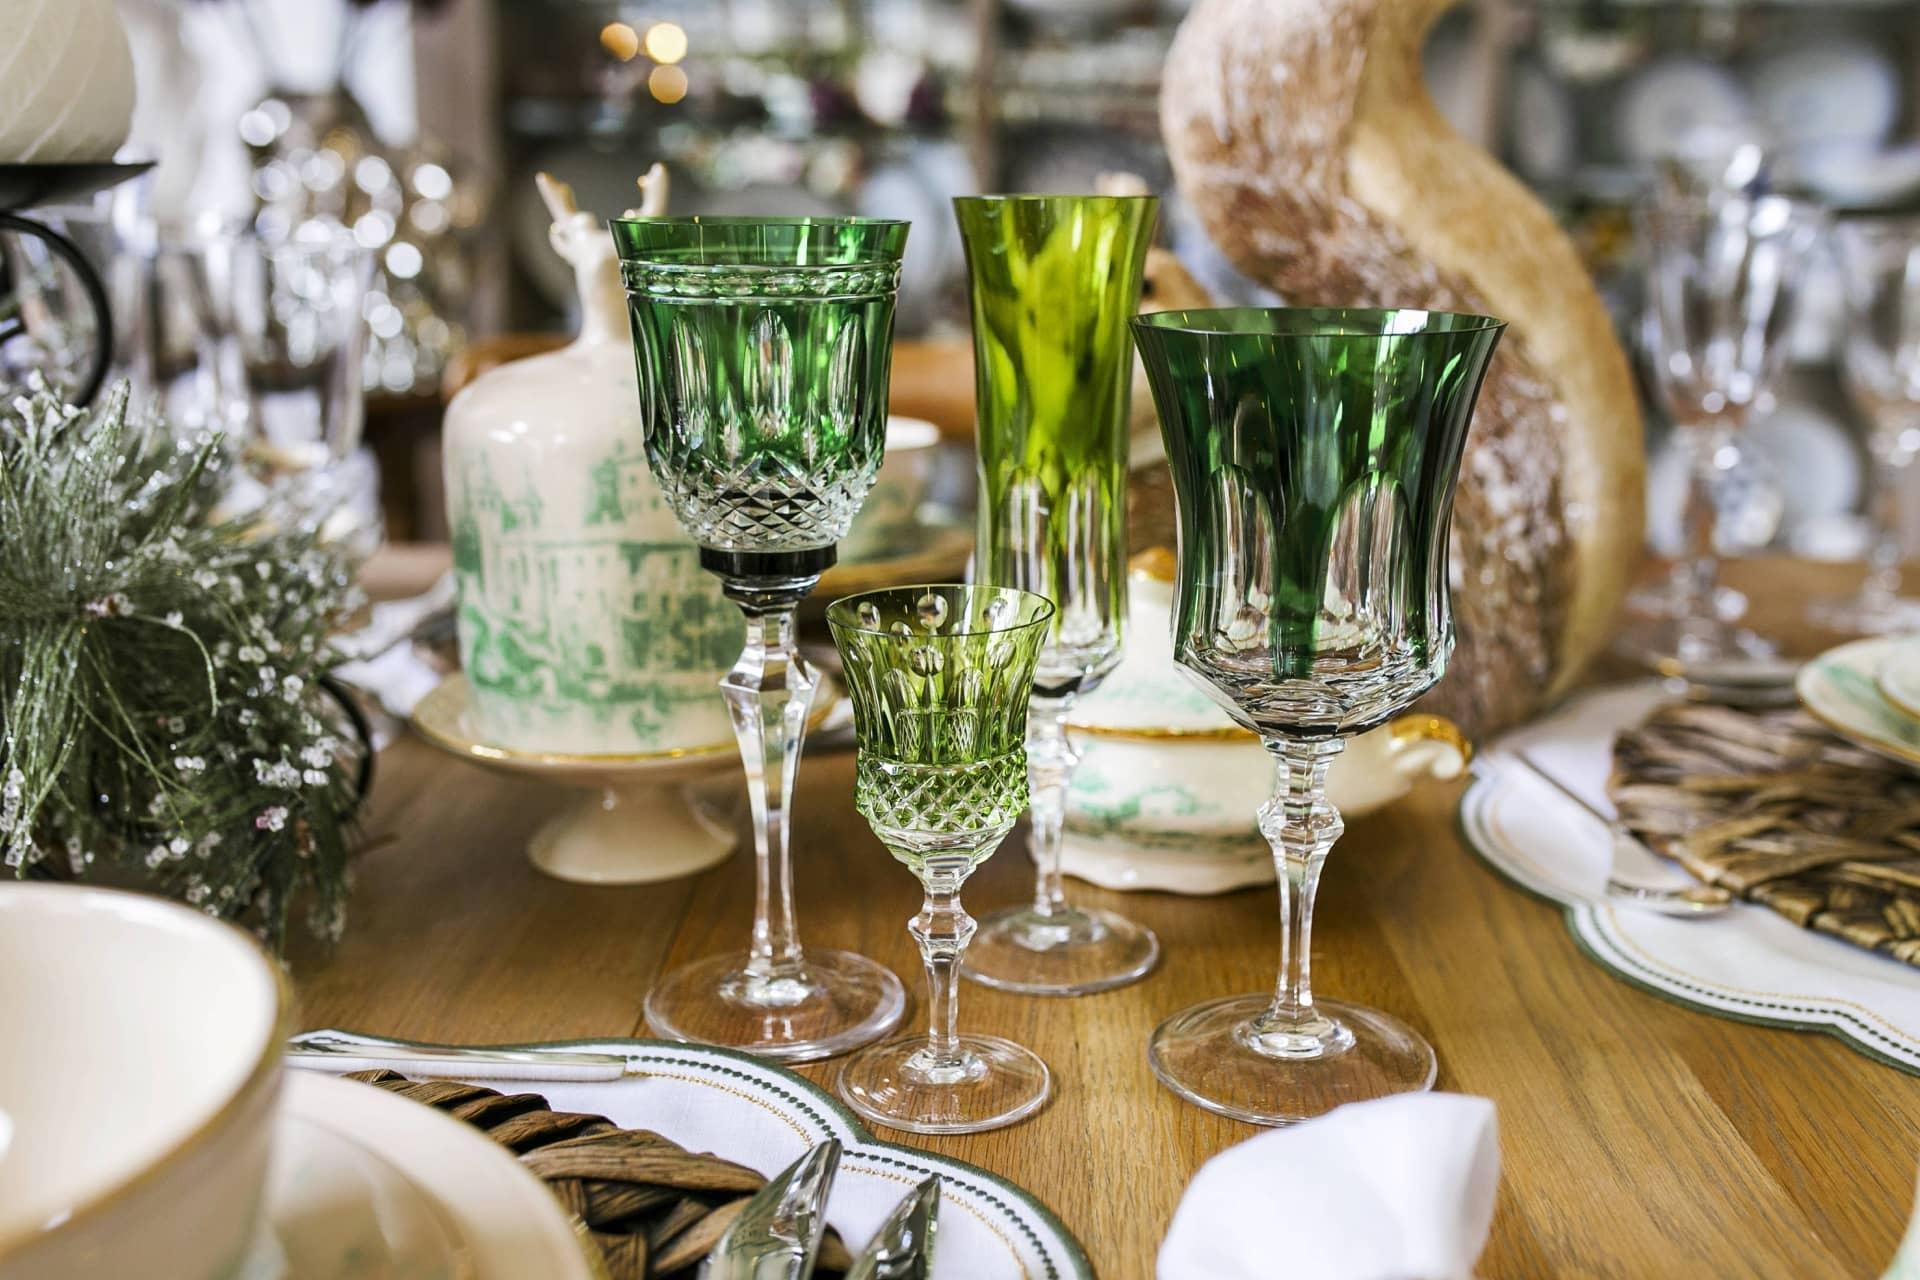 Imagem: Aposte numa composição harmoniosa e incomum. Escolha taças de cristal Strauss em vários tons de verde, com lapidações diferentes. Foto: Camila D'Orazio.